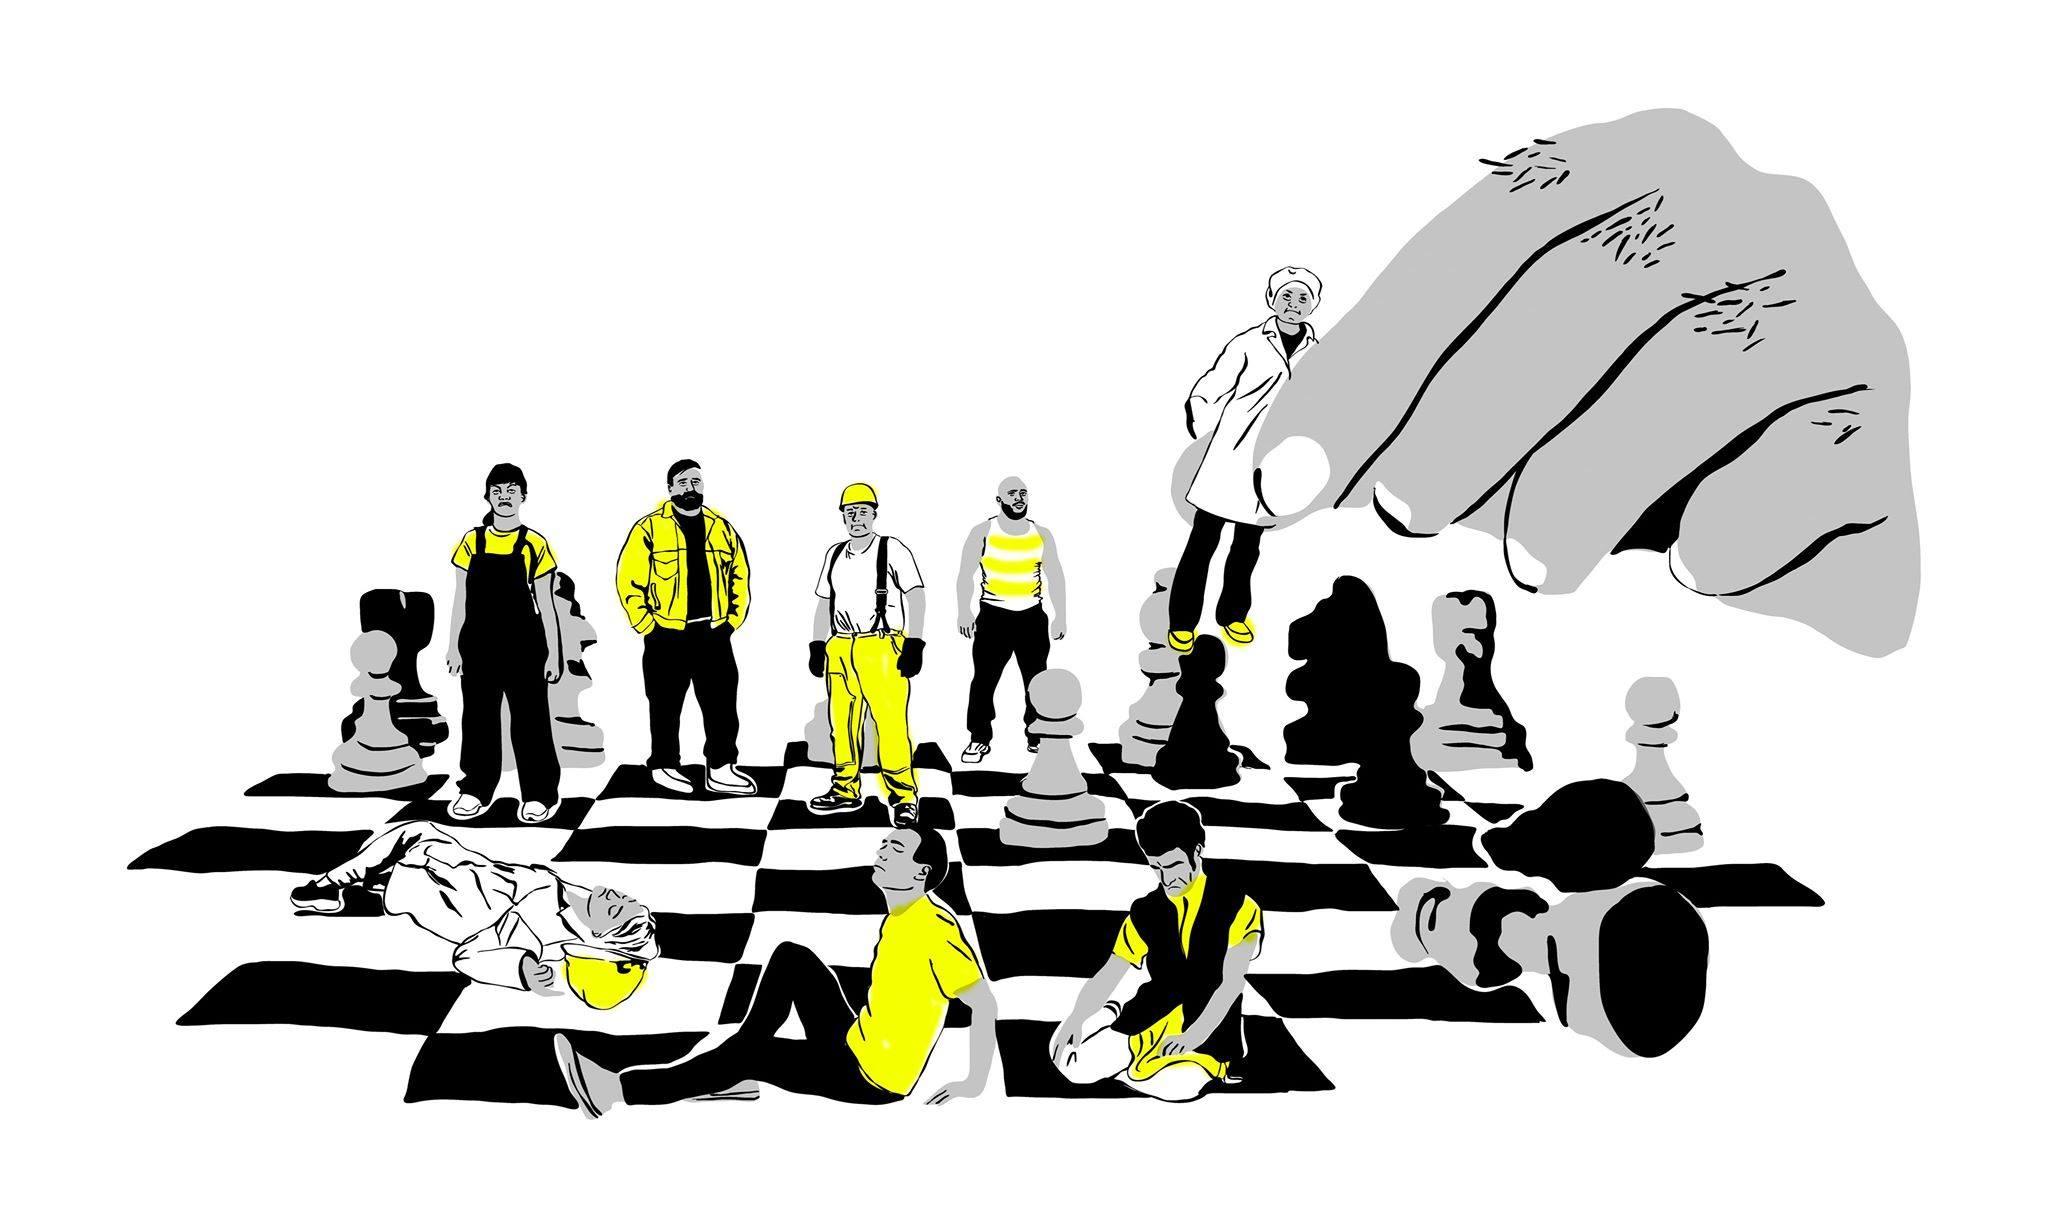 Le travail ou la vie – Contester la subordination pour stopper l'épidémie